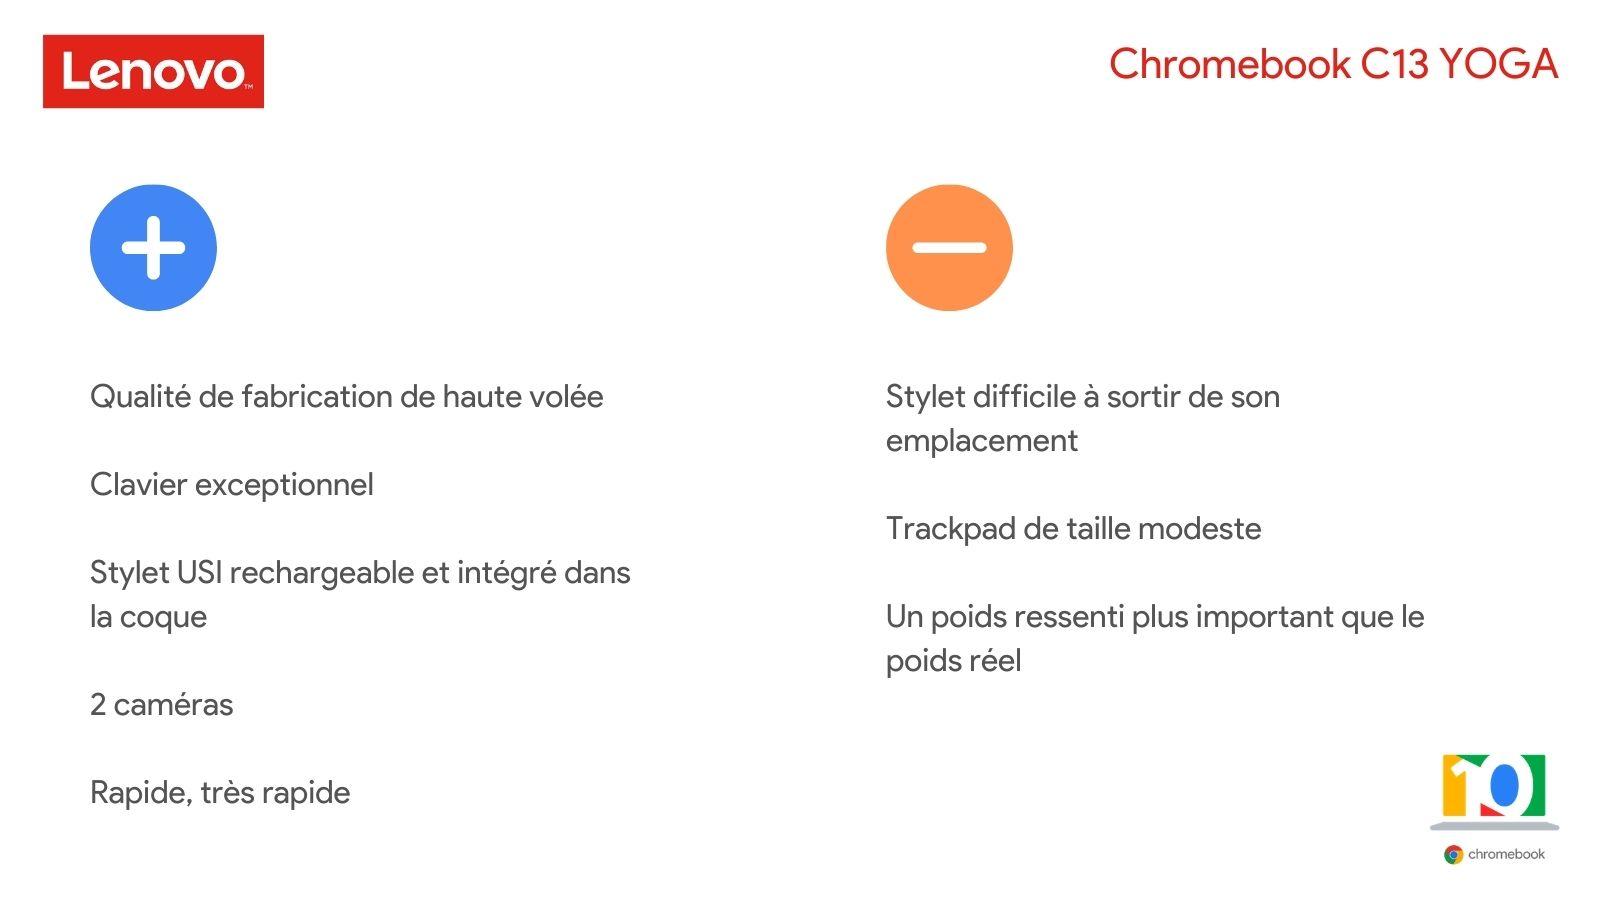 En bref - Test du Chromebook C13 YOGA